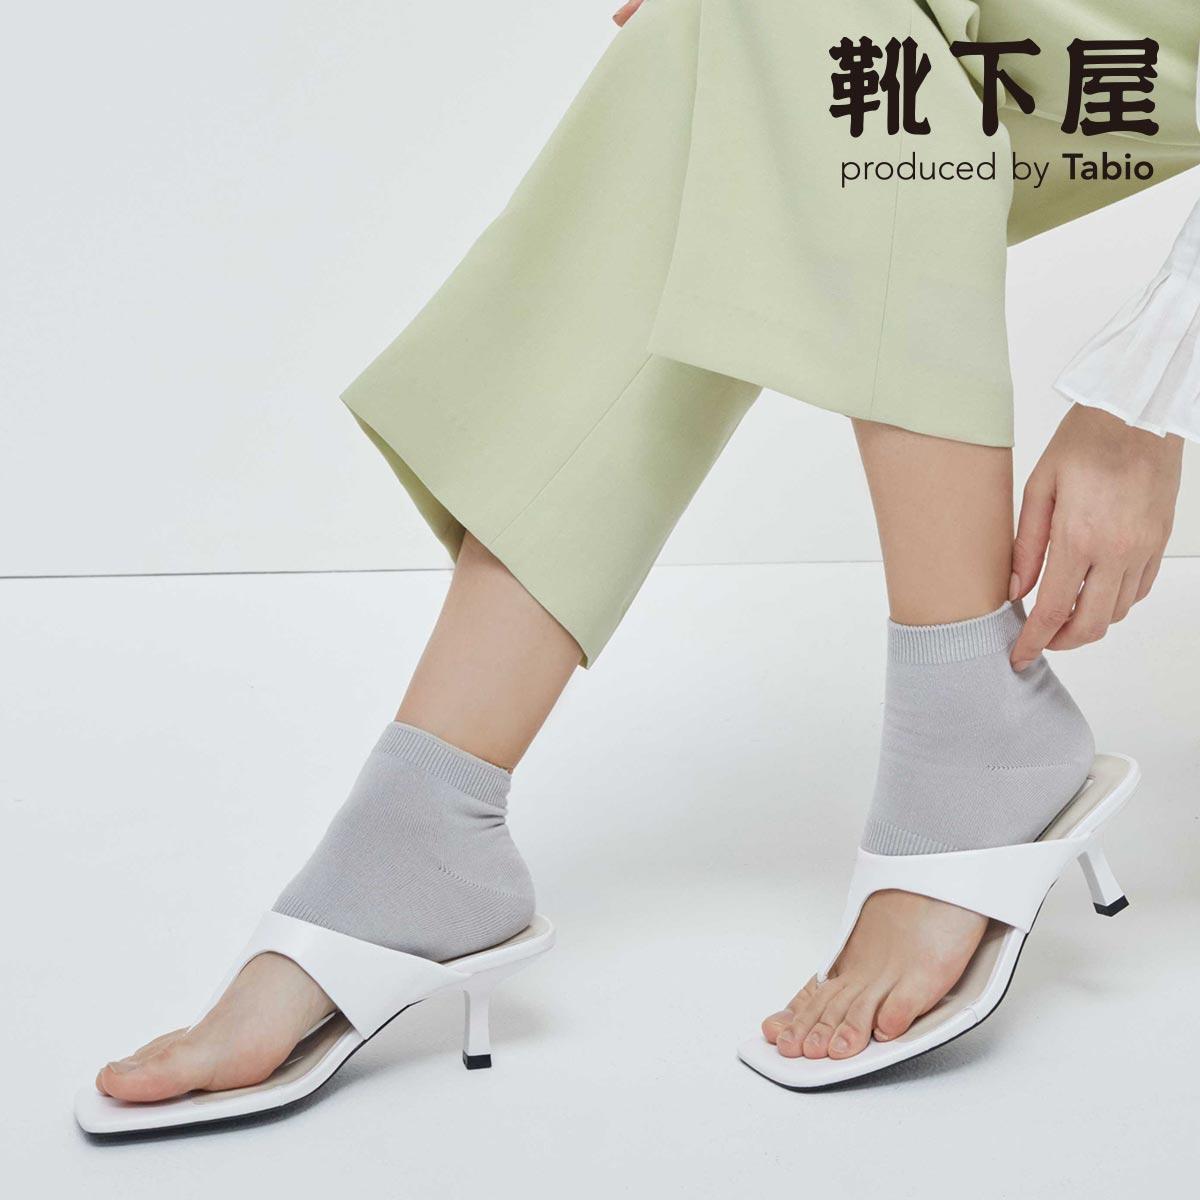 【あす楽】【Tabio】 トゥレスかかとロングカバー / 靴下屋 靴下 タビオ くつ下 レディース かかと かかとソックス かかとケア 冷え対策 冷えとり サンダル用 かかとカバー 日本製